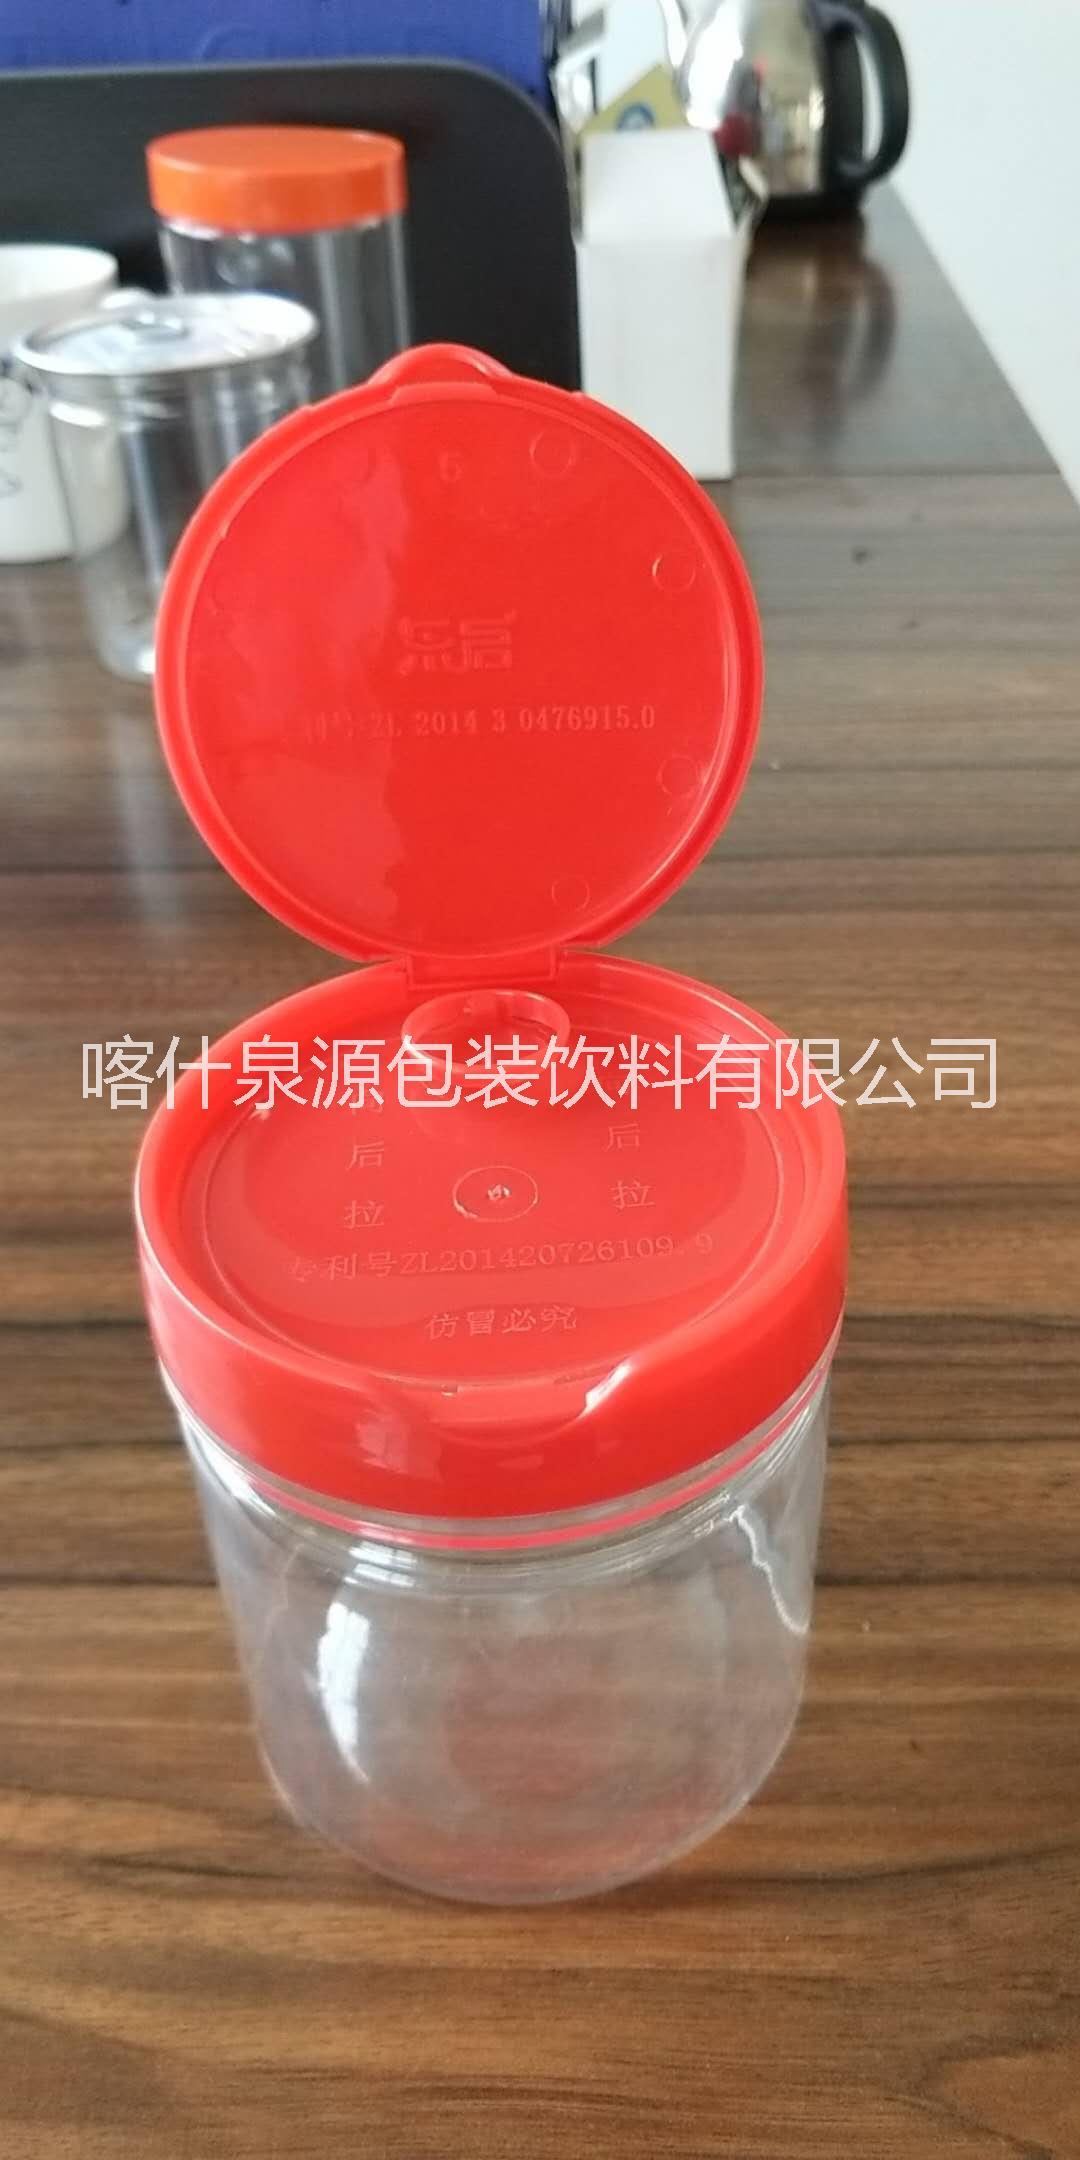 喀什乐启塑料瓶供应商     新疆乐启塑料瓶厂家     乐启塑料瓶价格    乐启塑料瓶